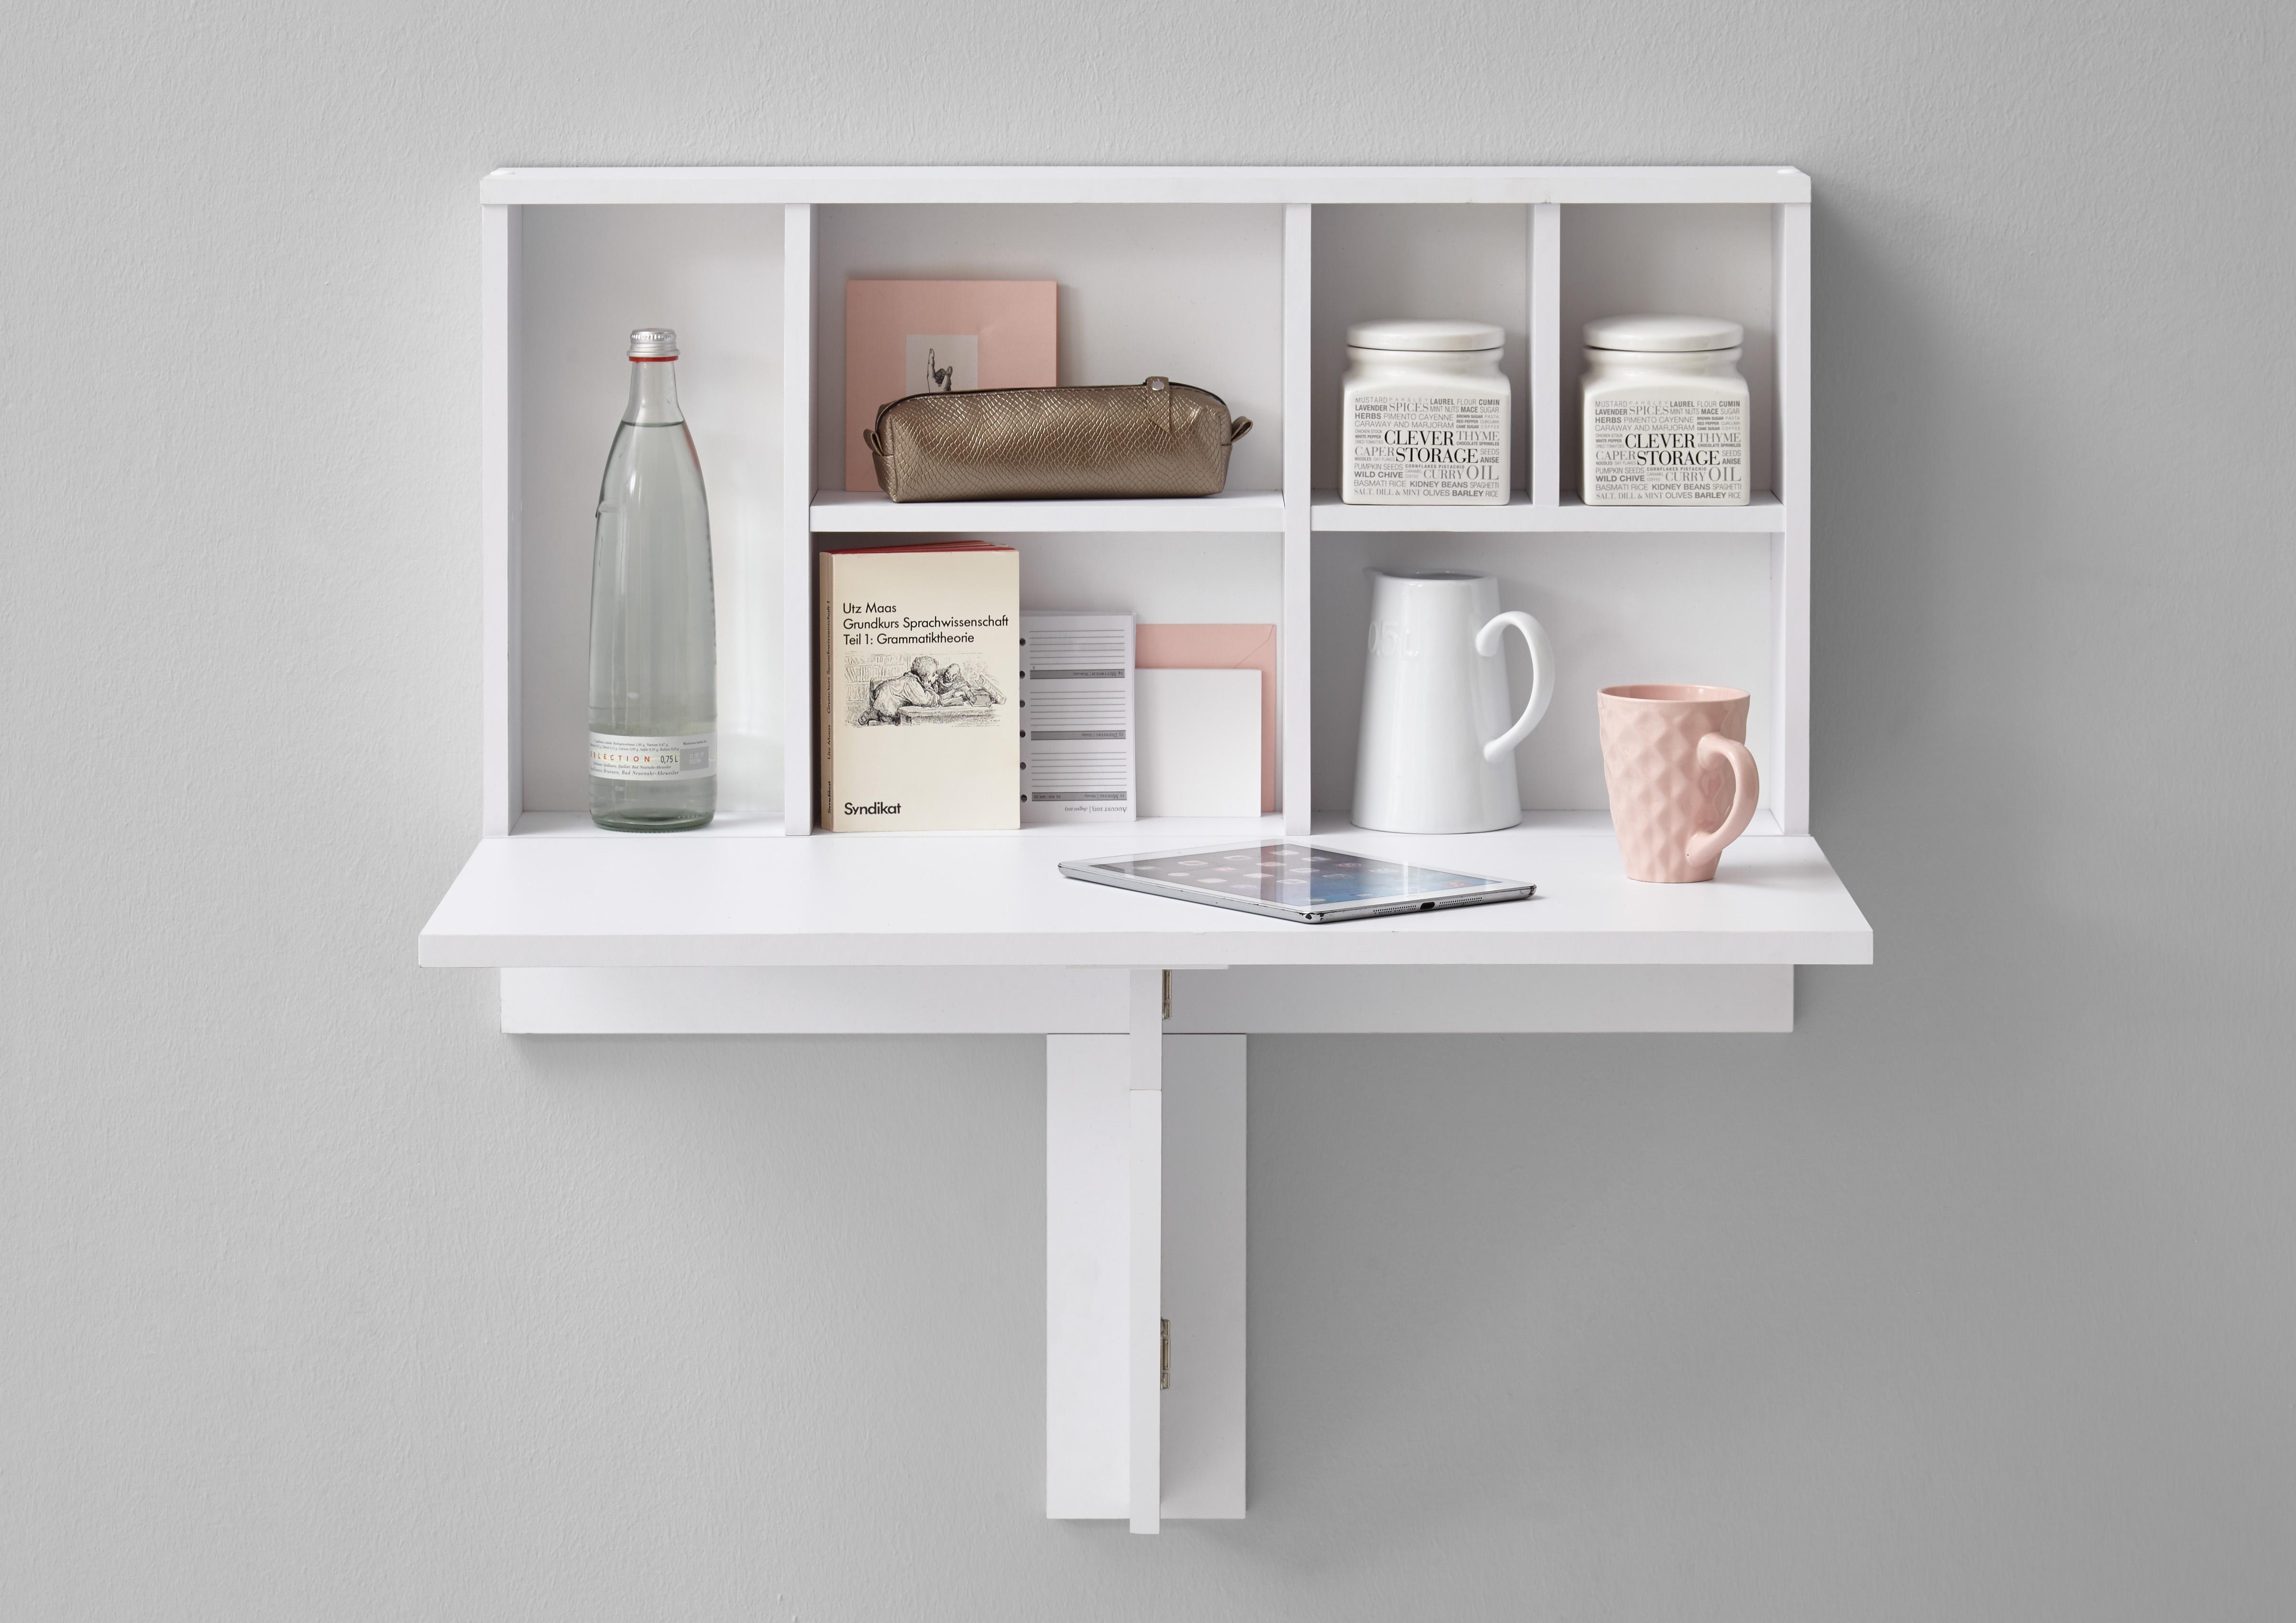 arta 2 klapptisch inkl regal von fmd brillantweiss. Black Bedroom Furniture Sets. Home Design Ideas